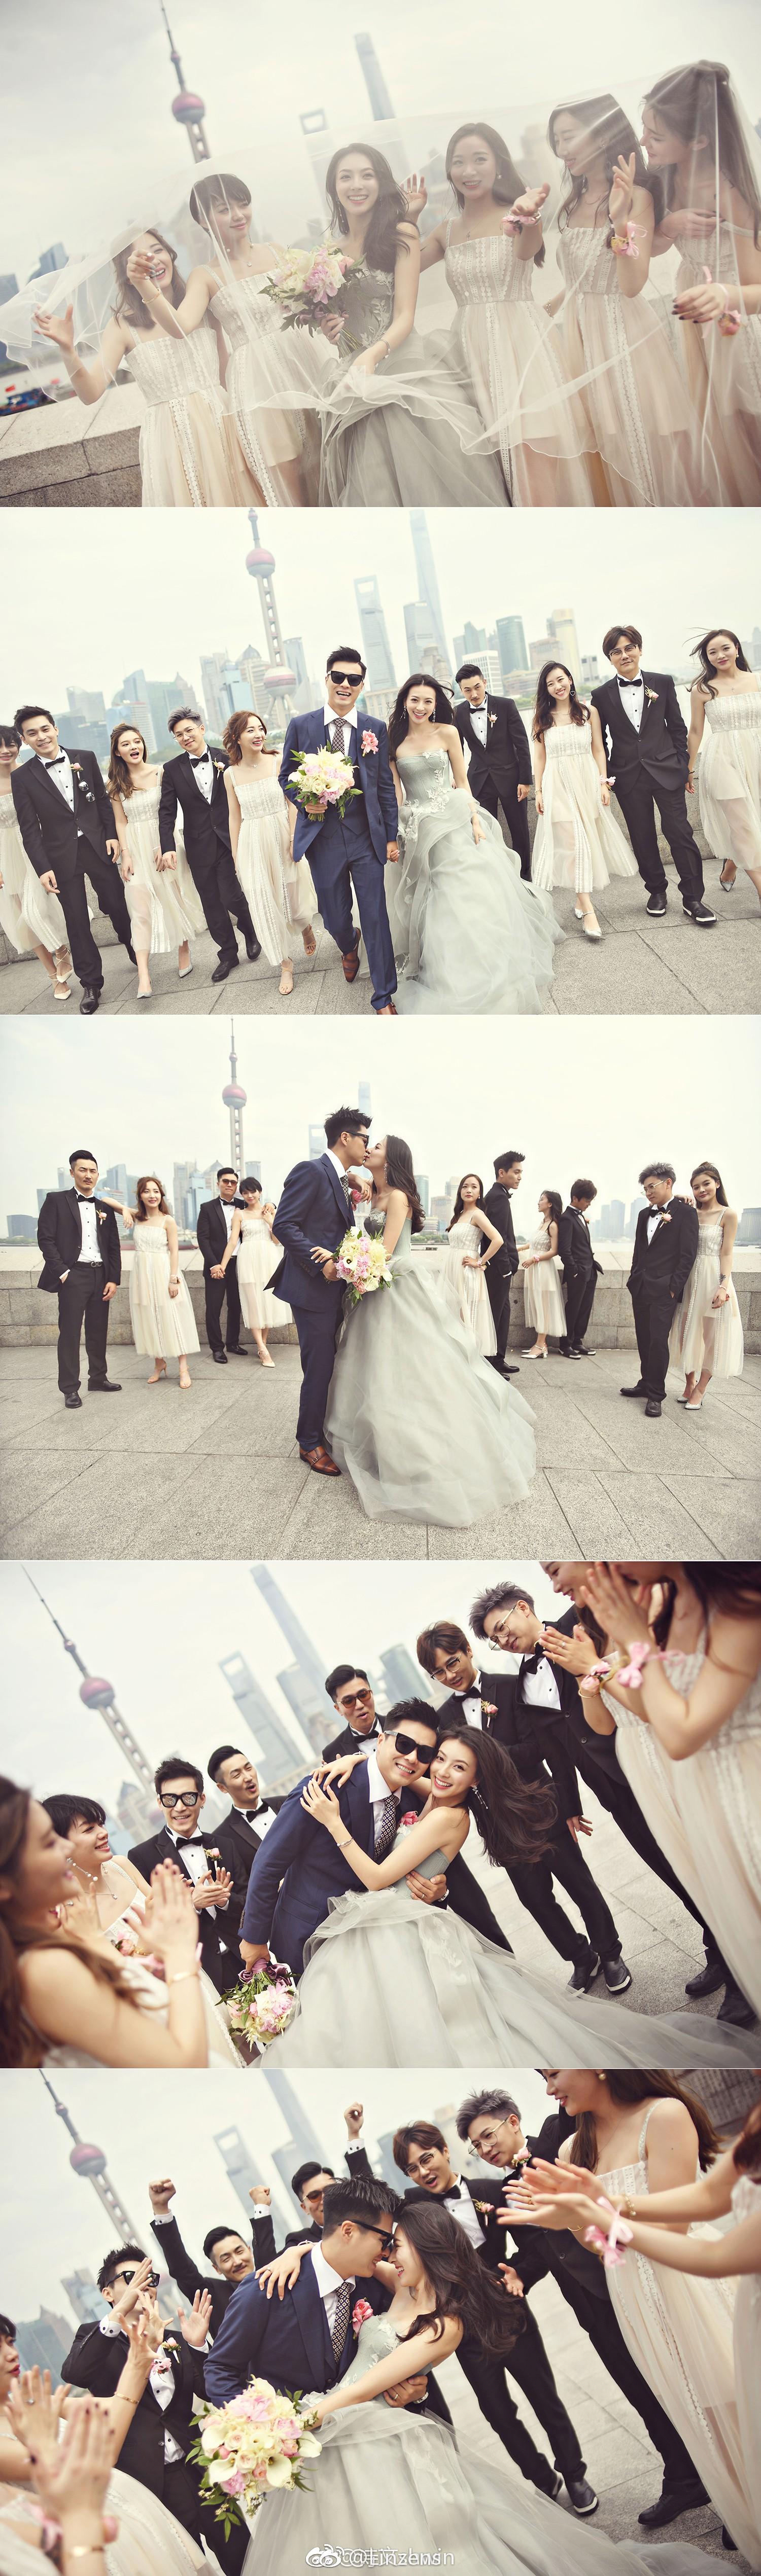 Câu chuyện ngôn tình và đám cưới như mơ của mỹ nữ được mệnh danh là chị đẹp trên Tik Tok Trung Quốc - Ảnh 11.